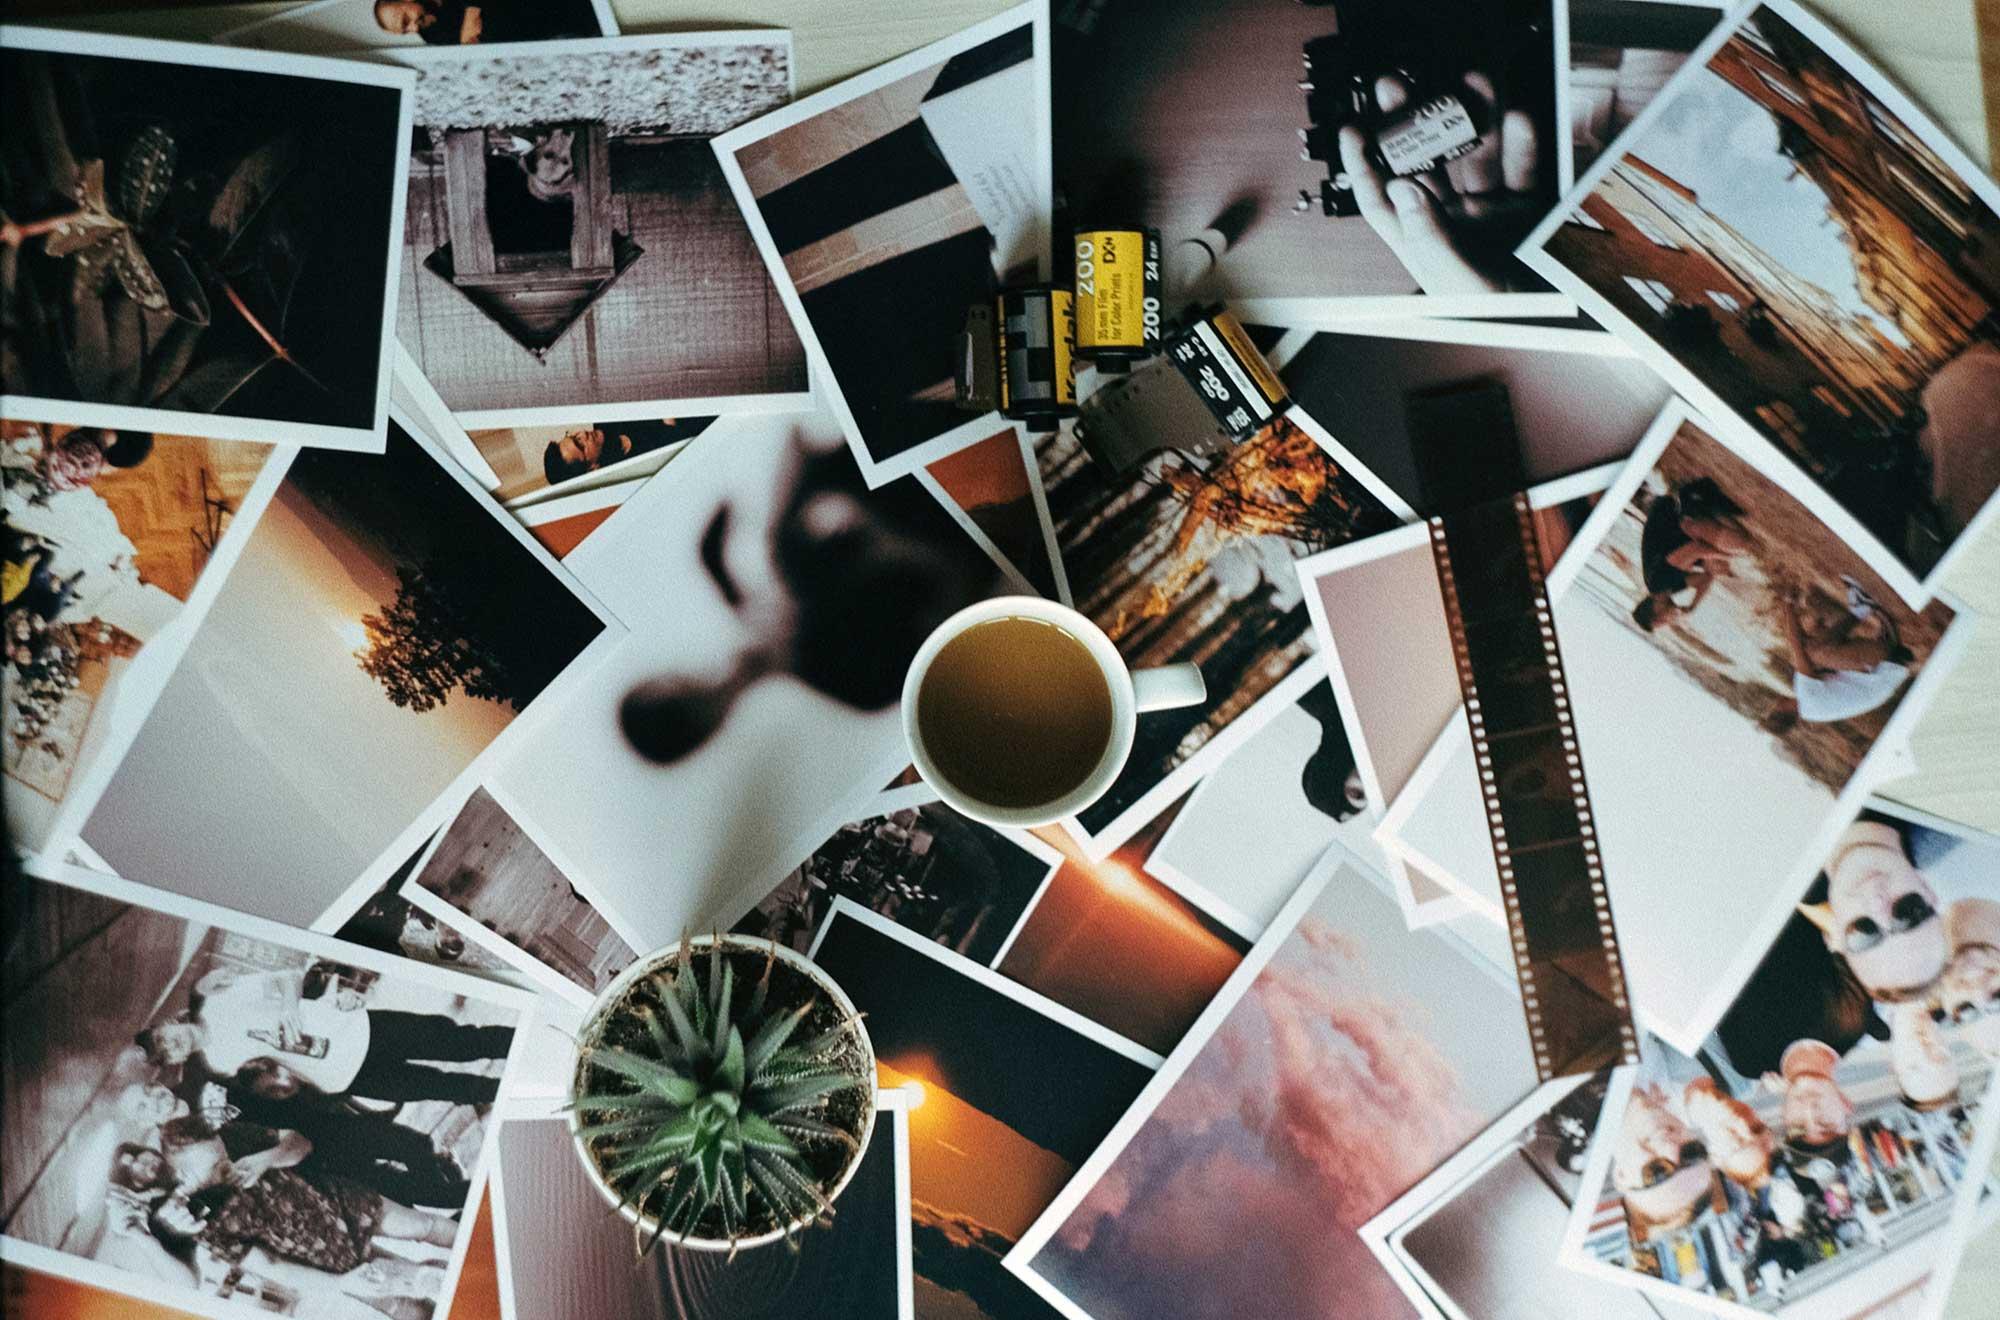 Foto's van de kleinkinderen aan de muur